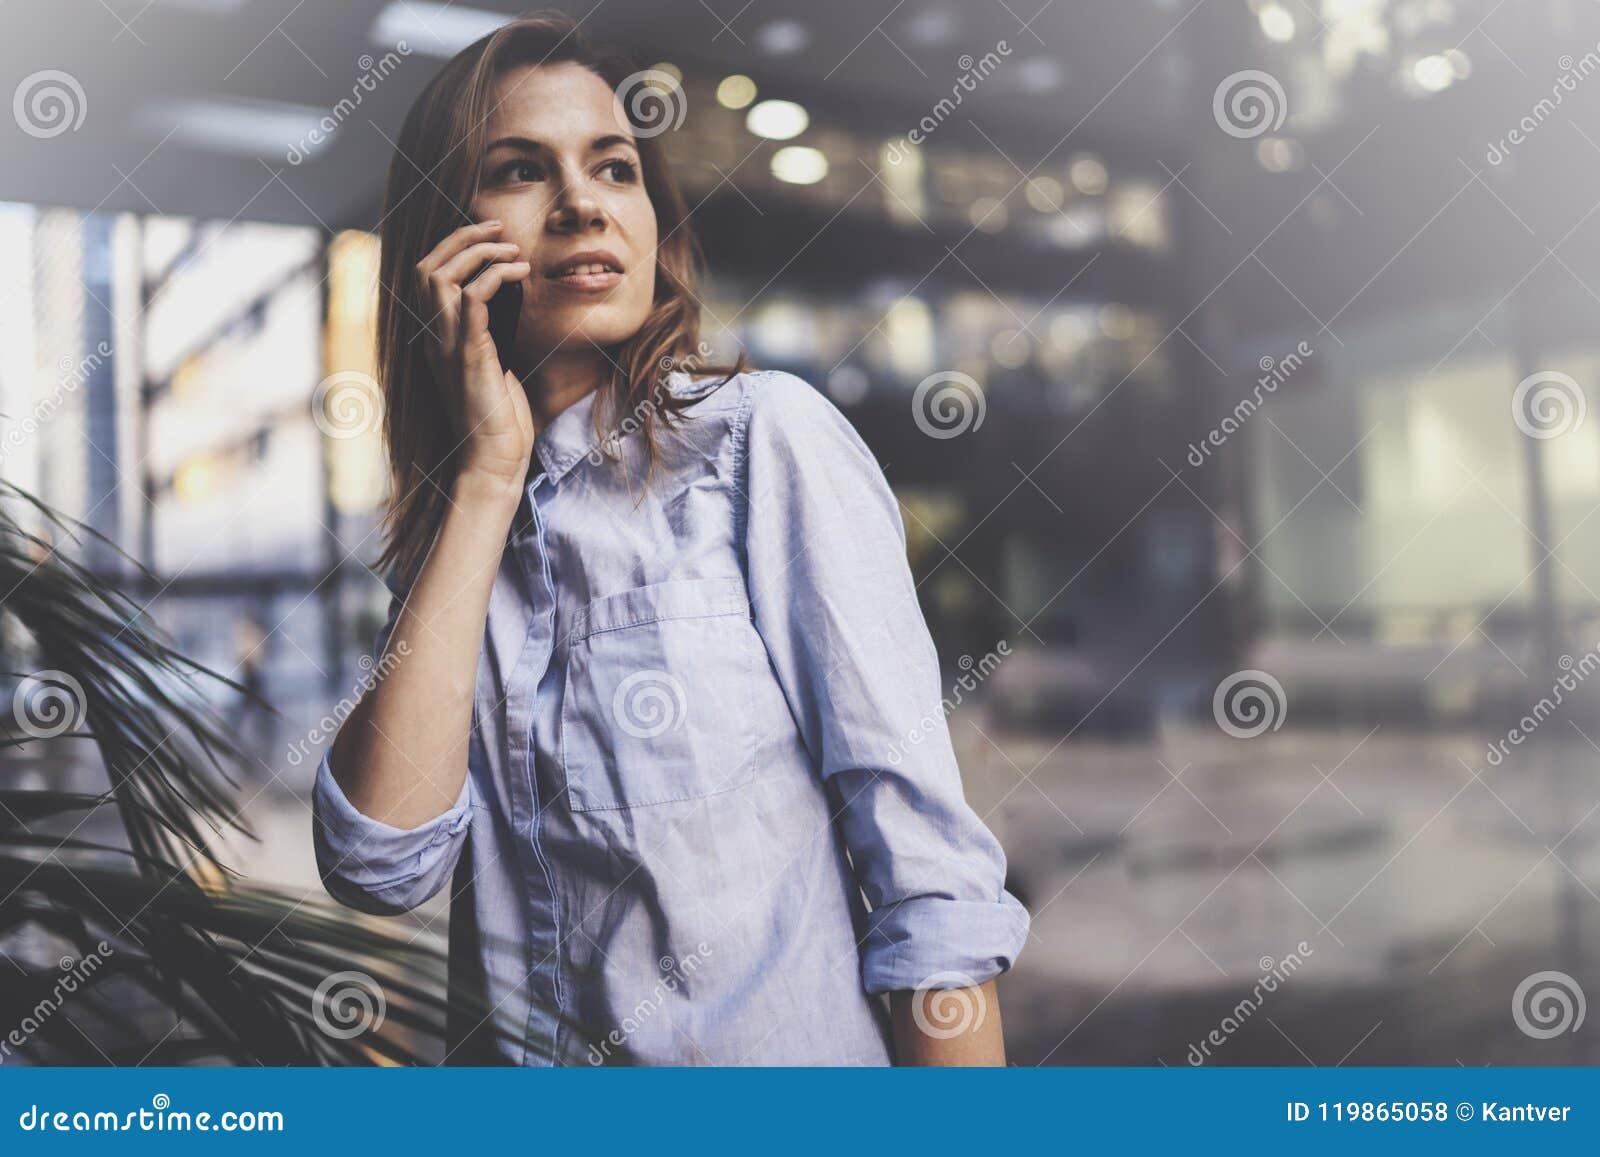 Het charmante jonge bedrijfsvrouw spreken met partner via mobiele telefoon terwijl status op modern commercieel centrum